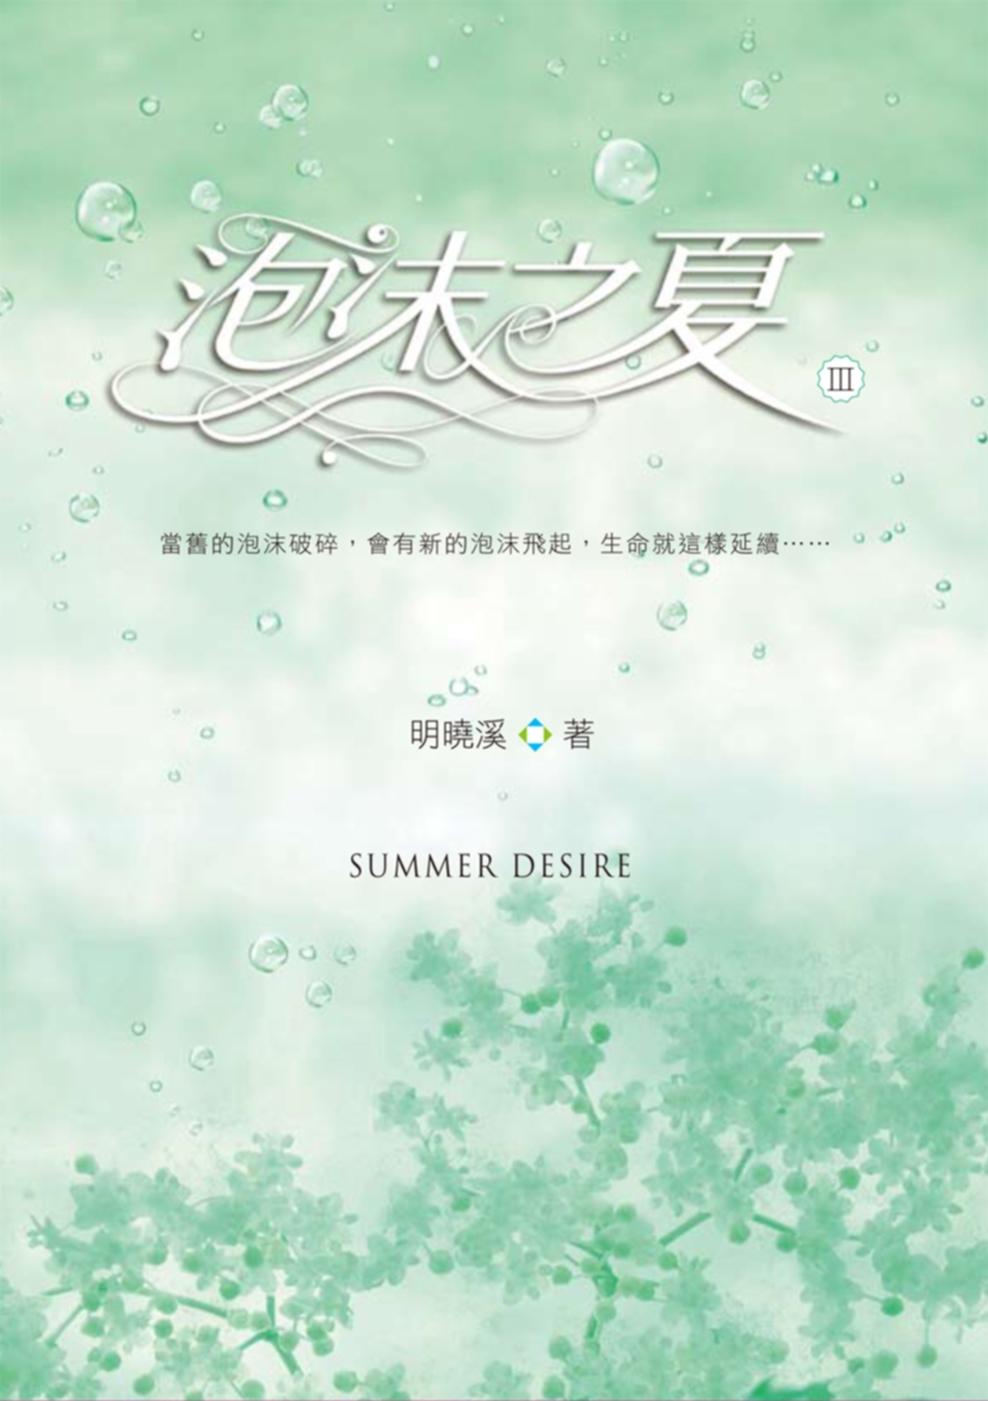 泡沫之夏Ⅲ